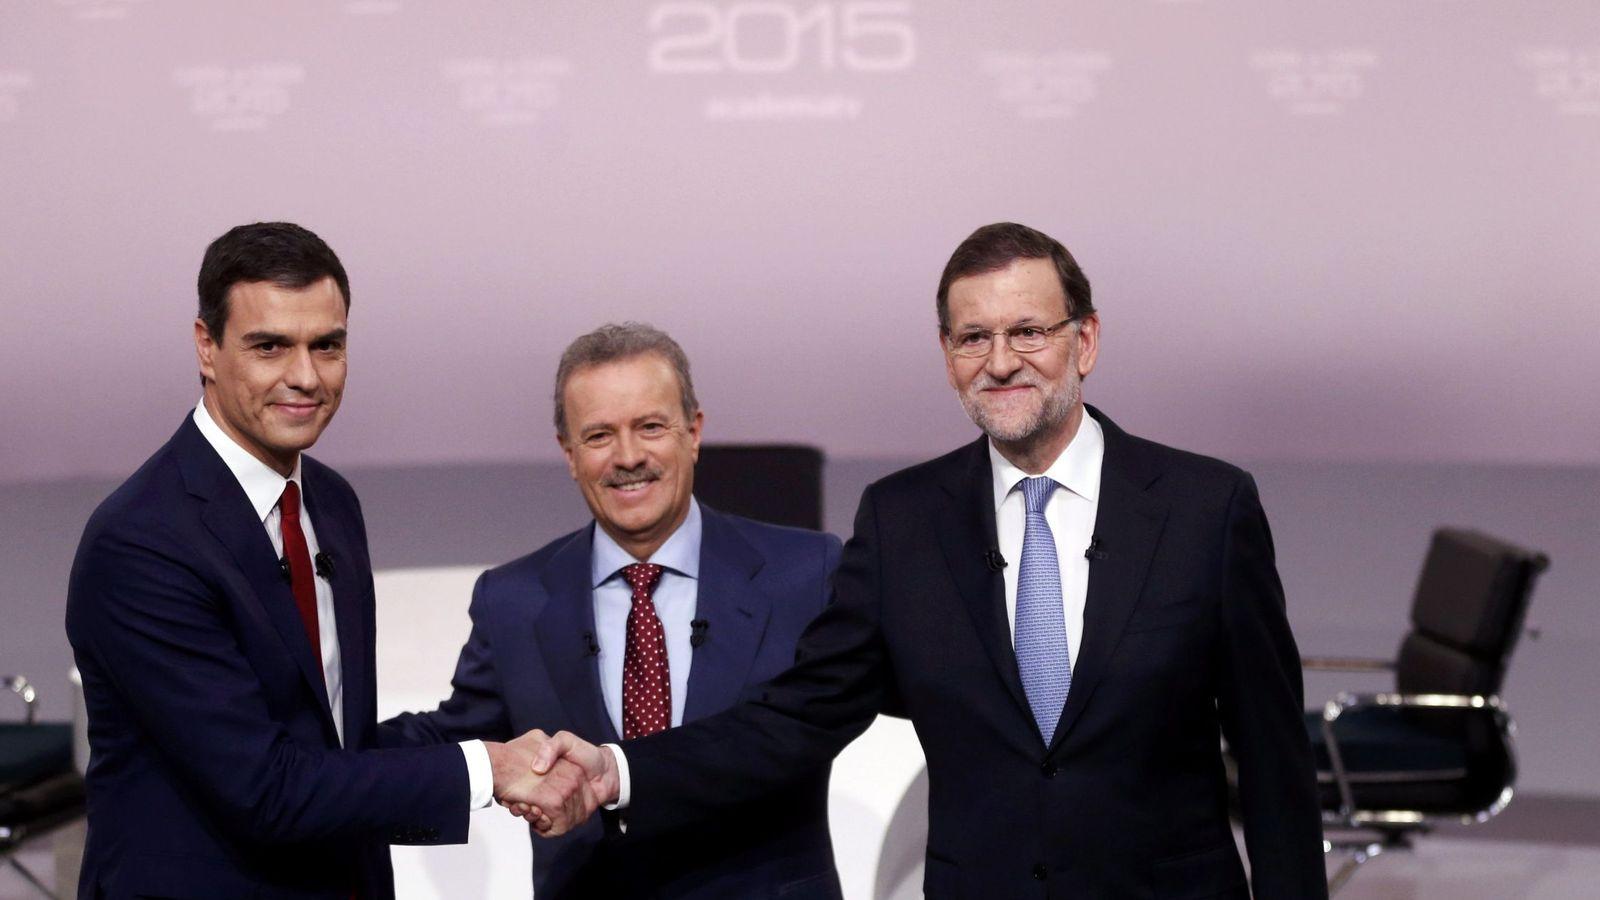 Foto: Pedro Sánchez y Mariano Rajoy se saludan antes del cara a cara en presencia del presidente de la ATV y moderador del espacio, Manuel Campo Vidal, este 14 de diciembre. (Reuters)